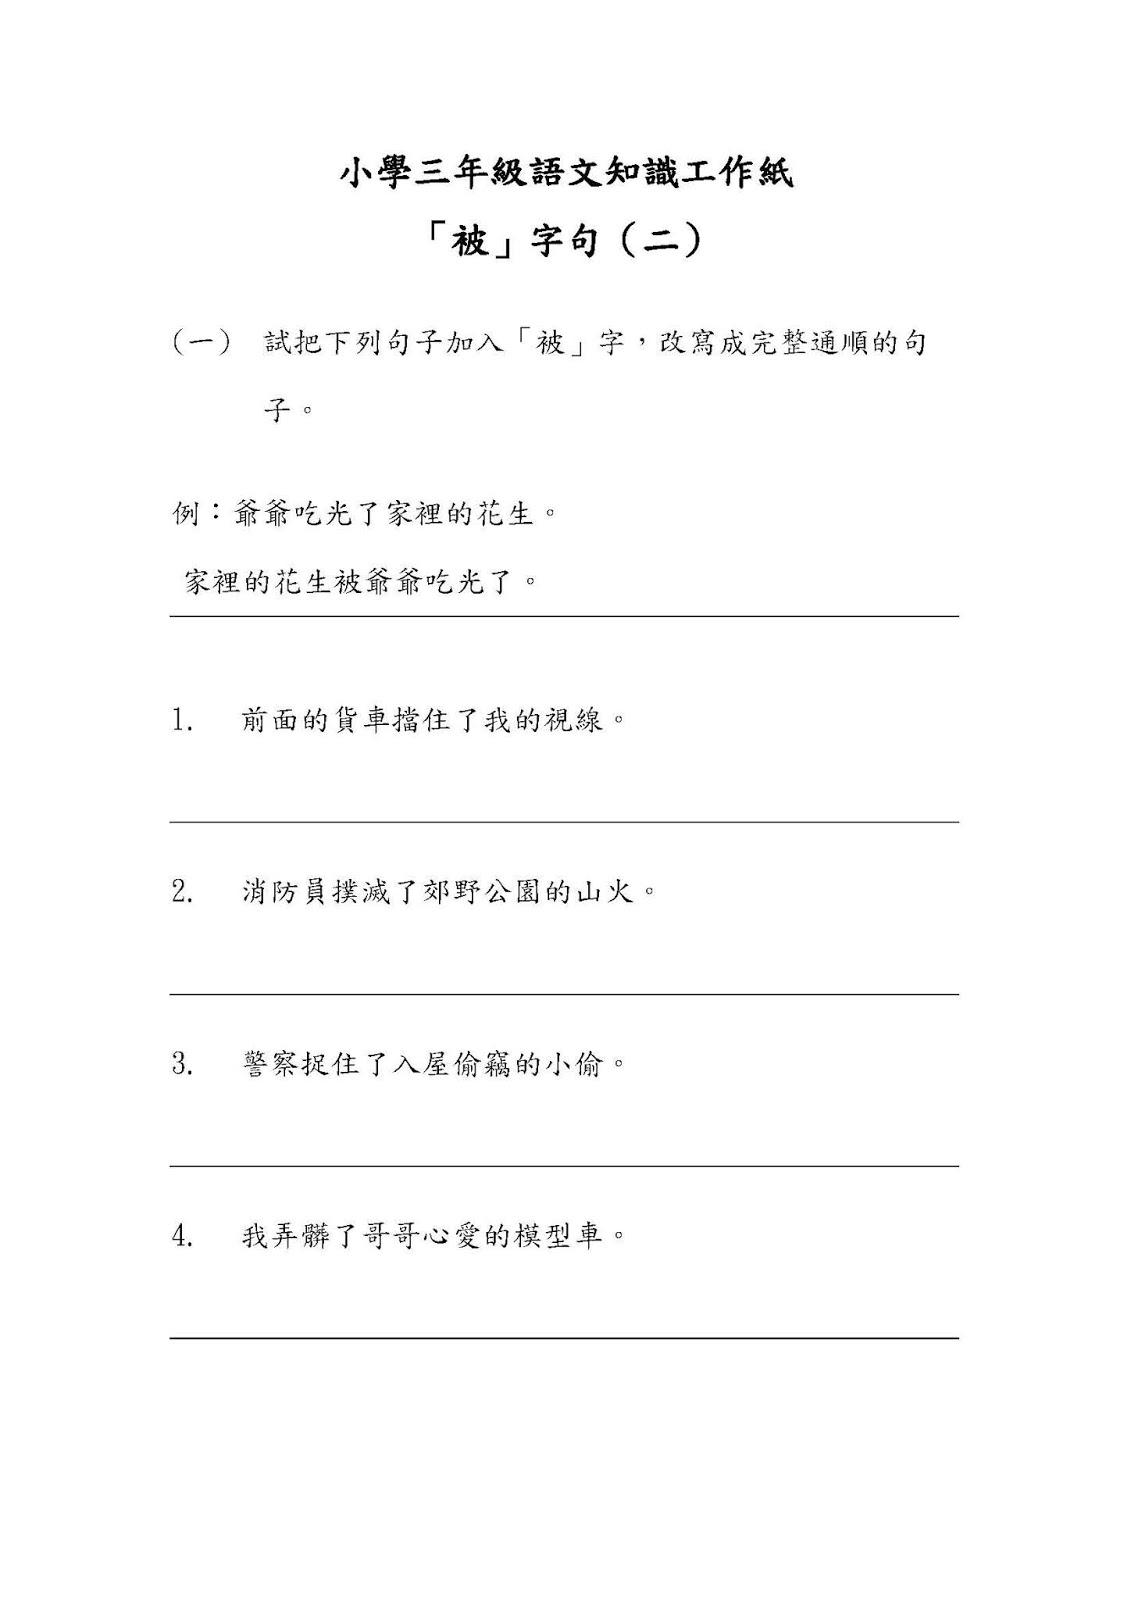 小三語文知識工作紙:「被」字句(二)|中文工作紙|尤莉姐姐的反轉學堂